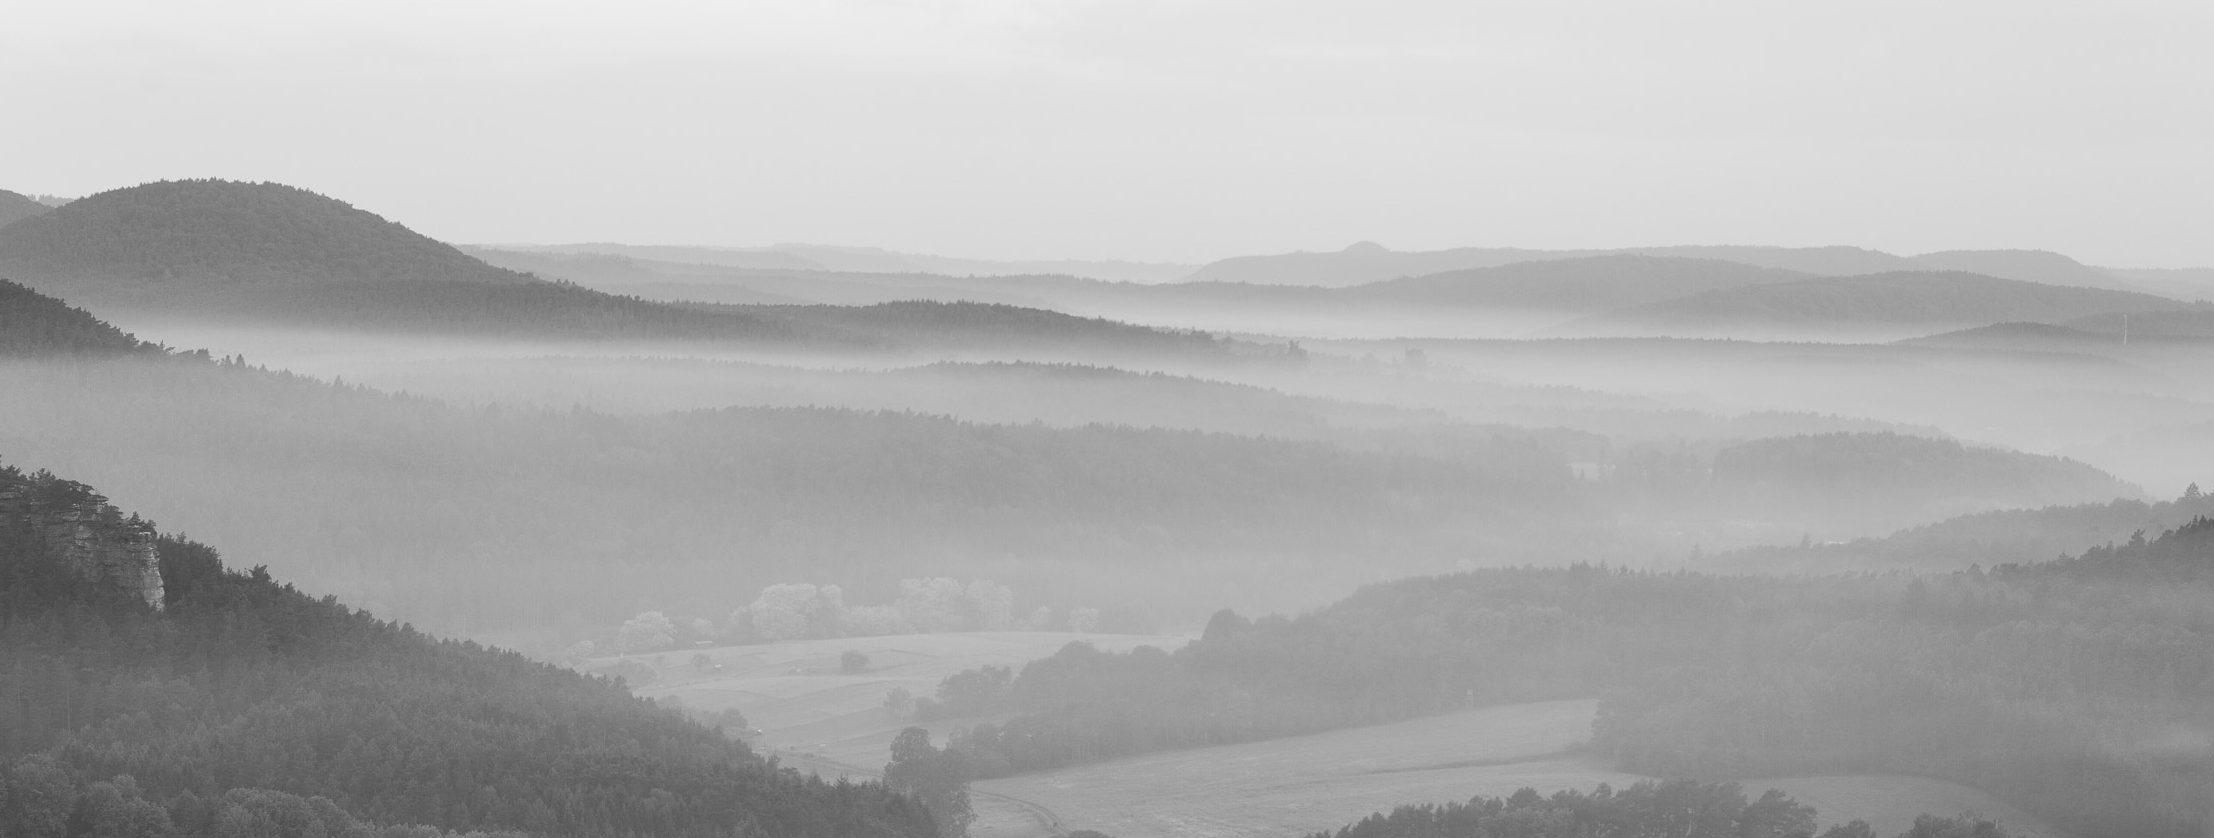 Pfälzer Wald, frühmorgens #2